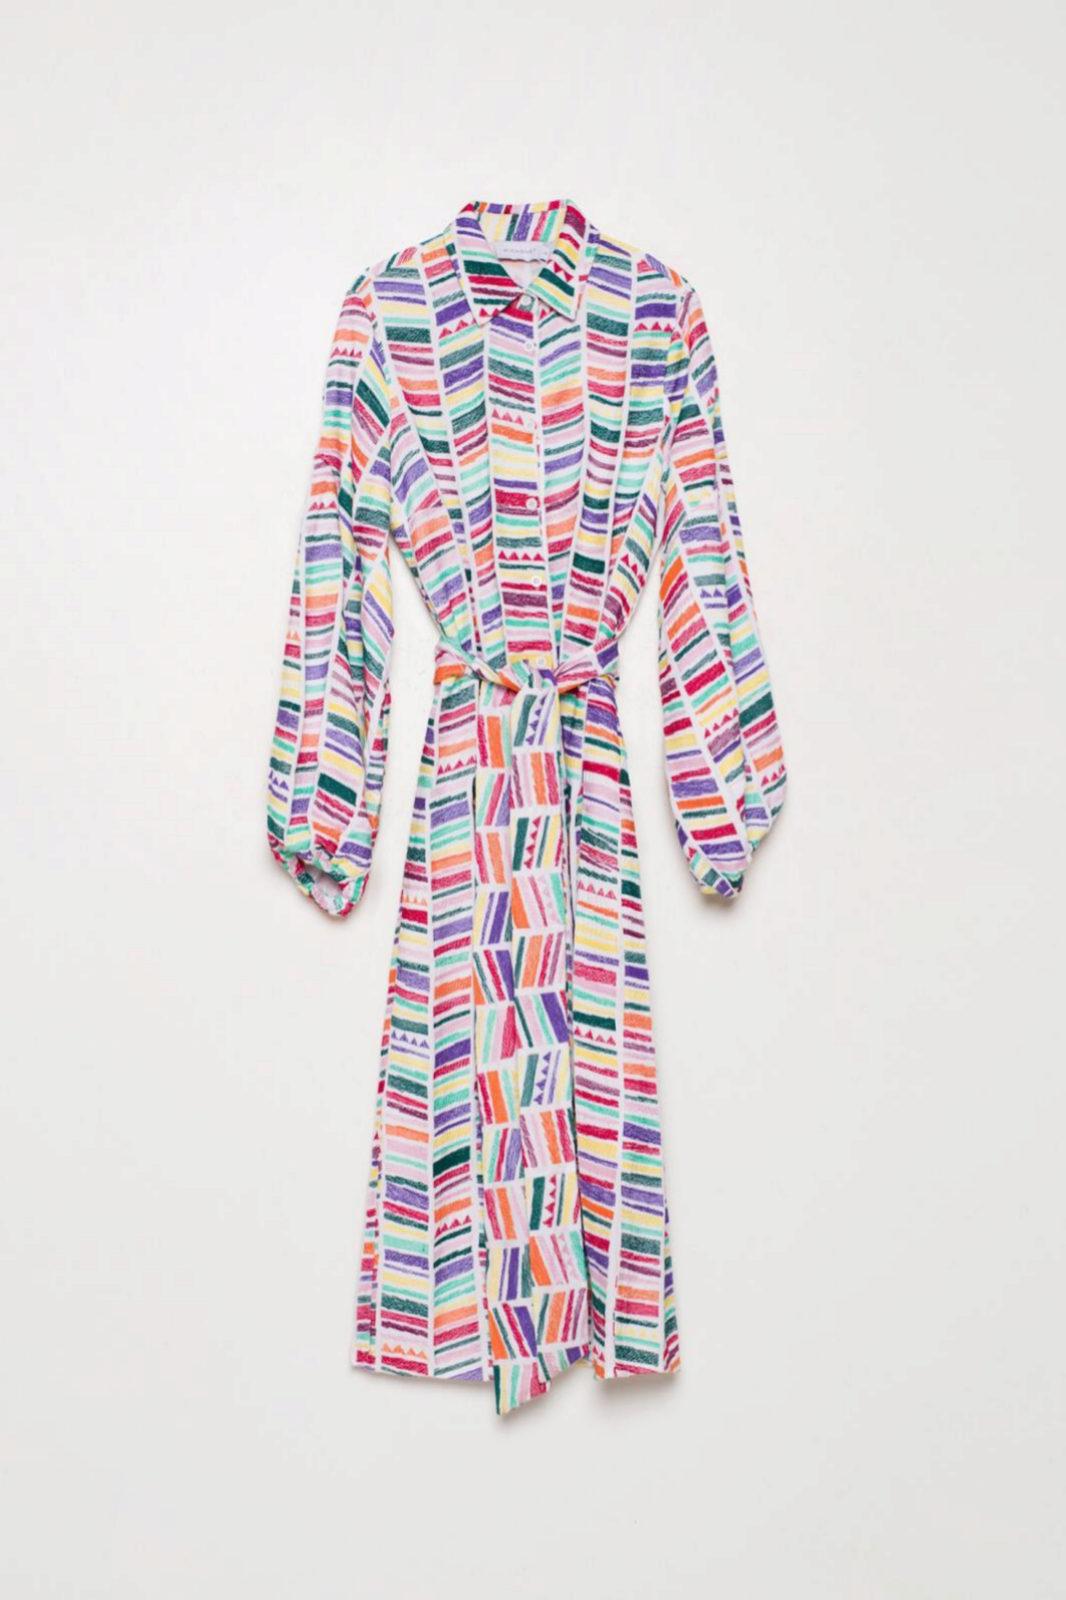 Vestido camisero con estampado étnico multicolor de Michonet (199¤)